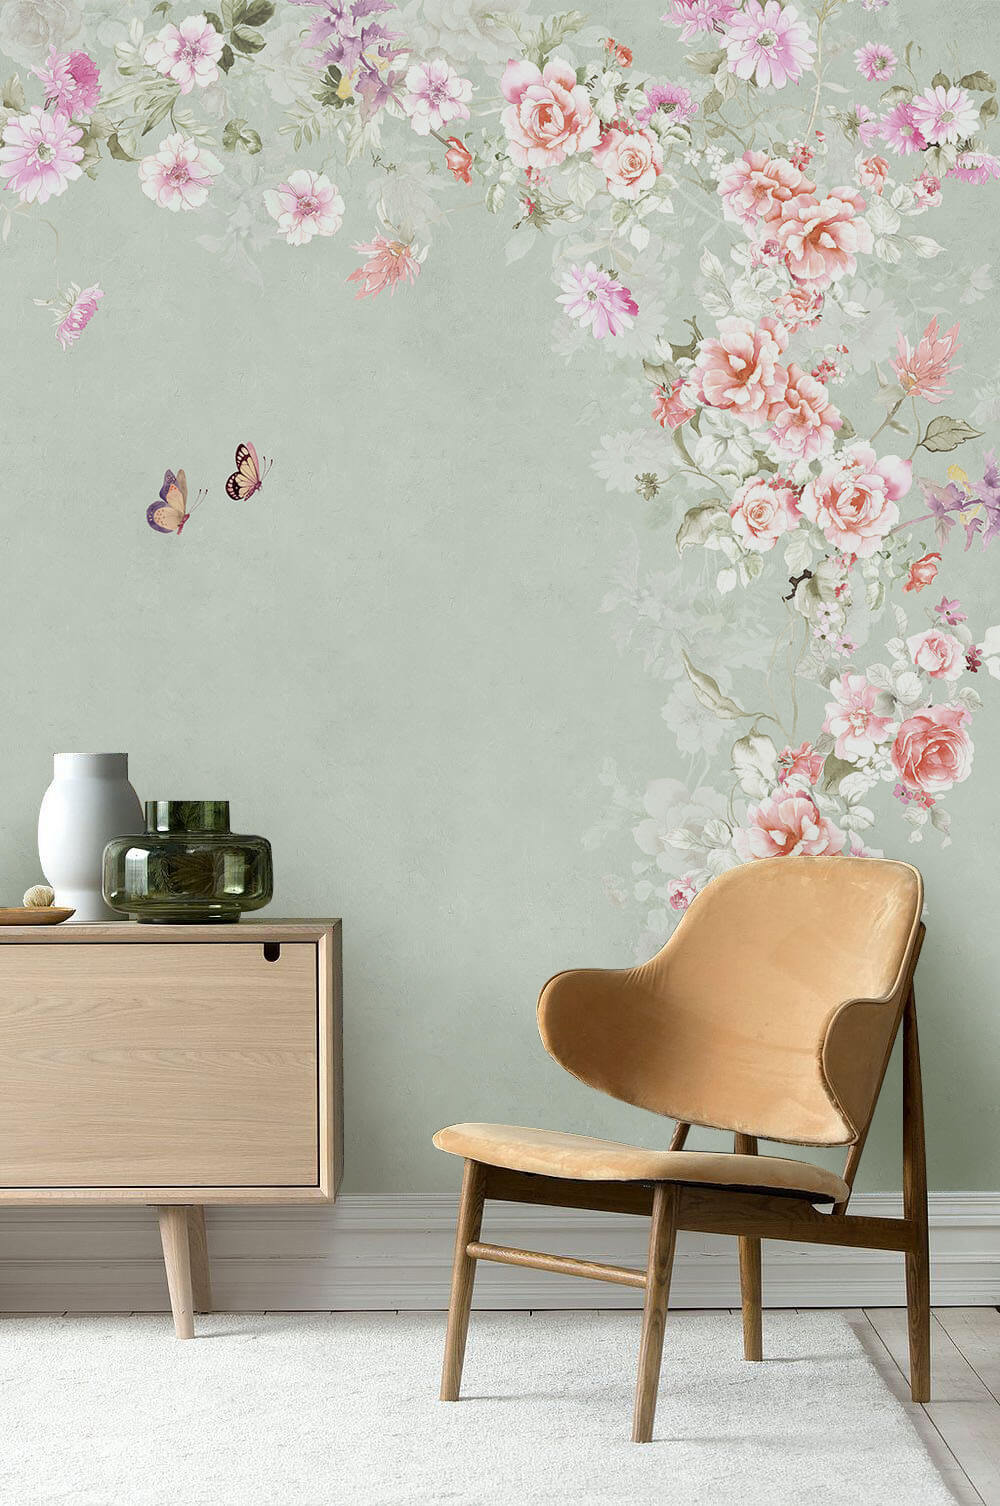 桃花盛开蝴蝶自来背景墙